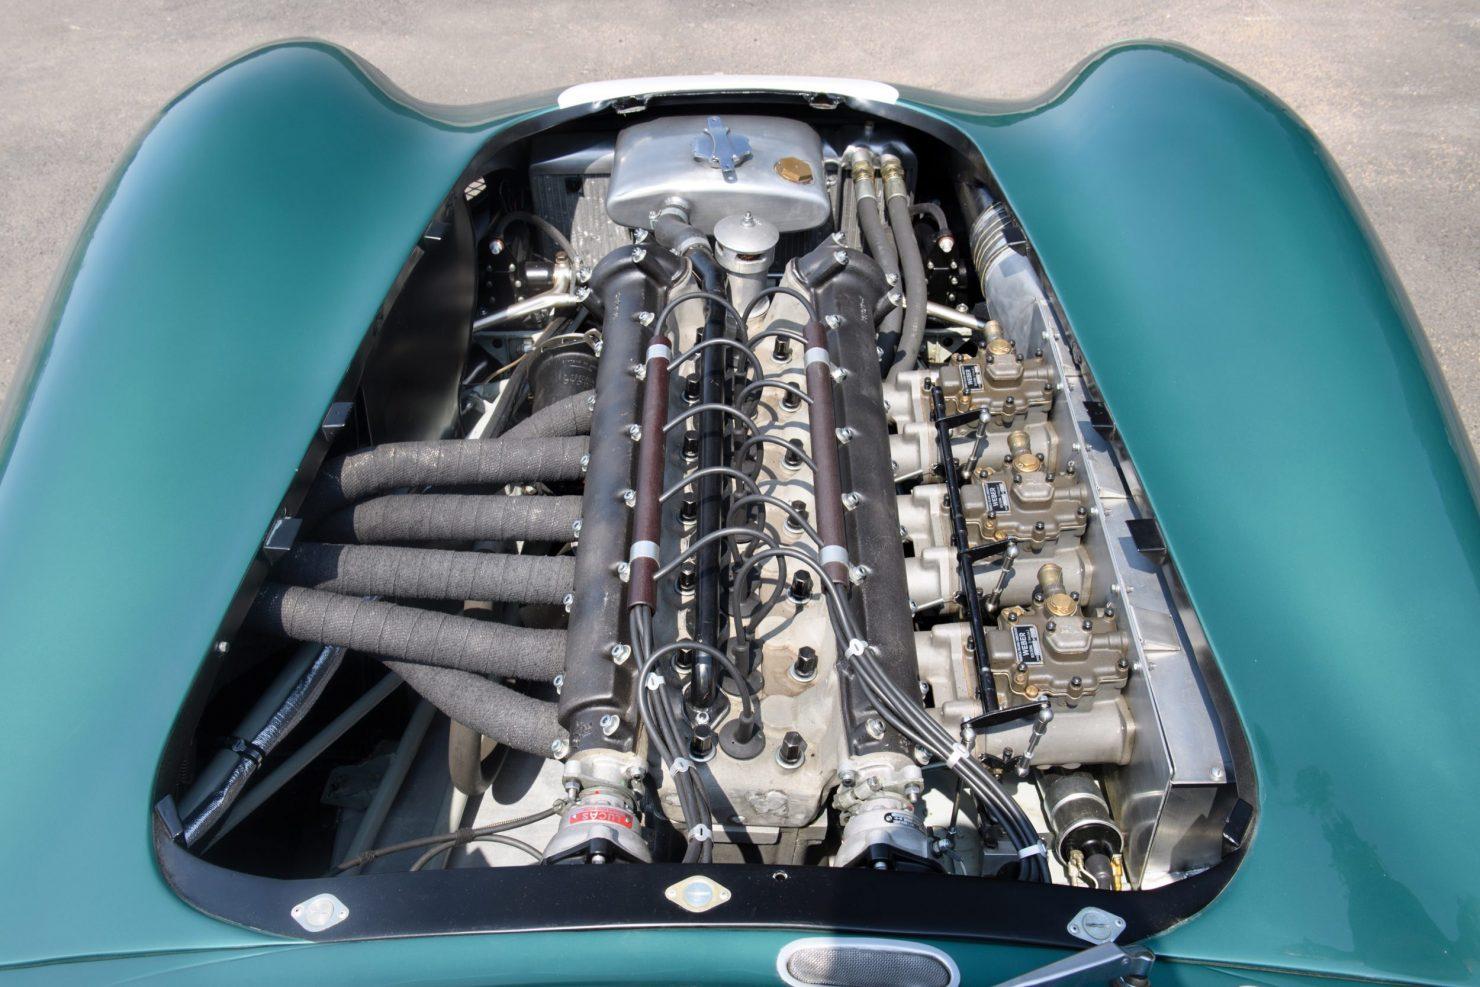 aston martin dbr1 3 1480x987 - 1956 Aston Martin DBR1